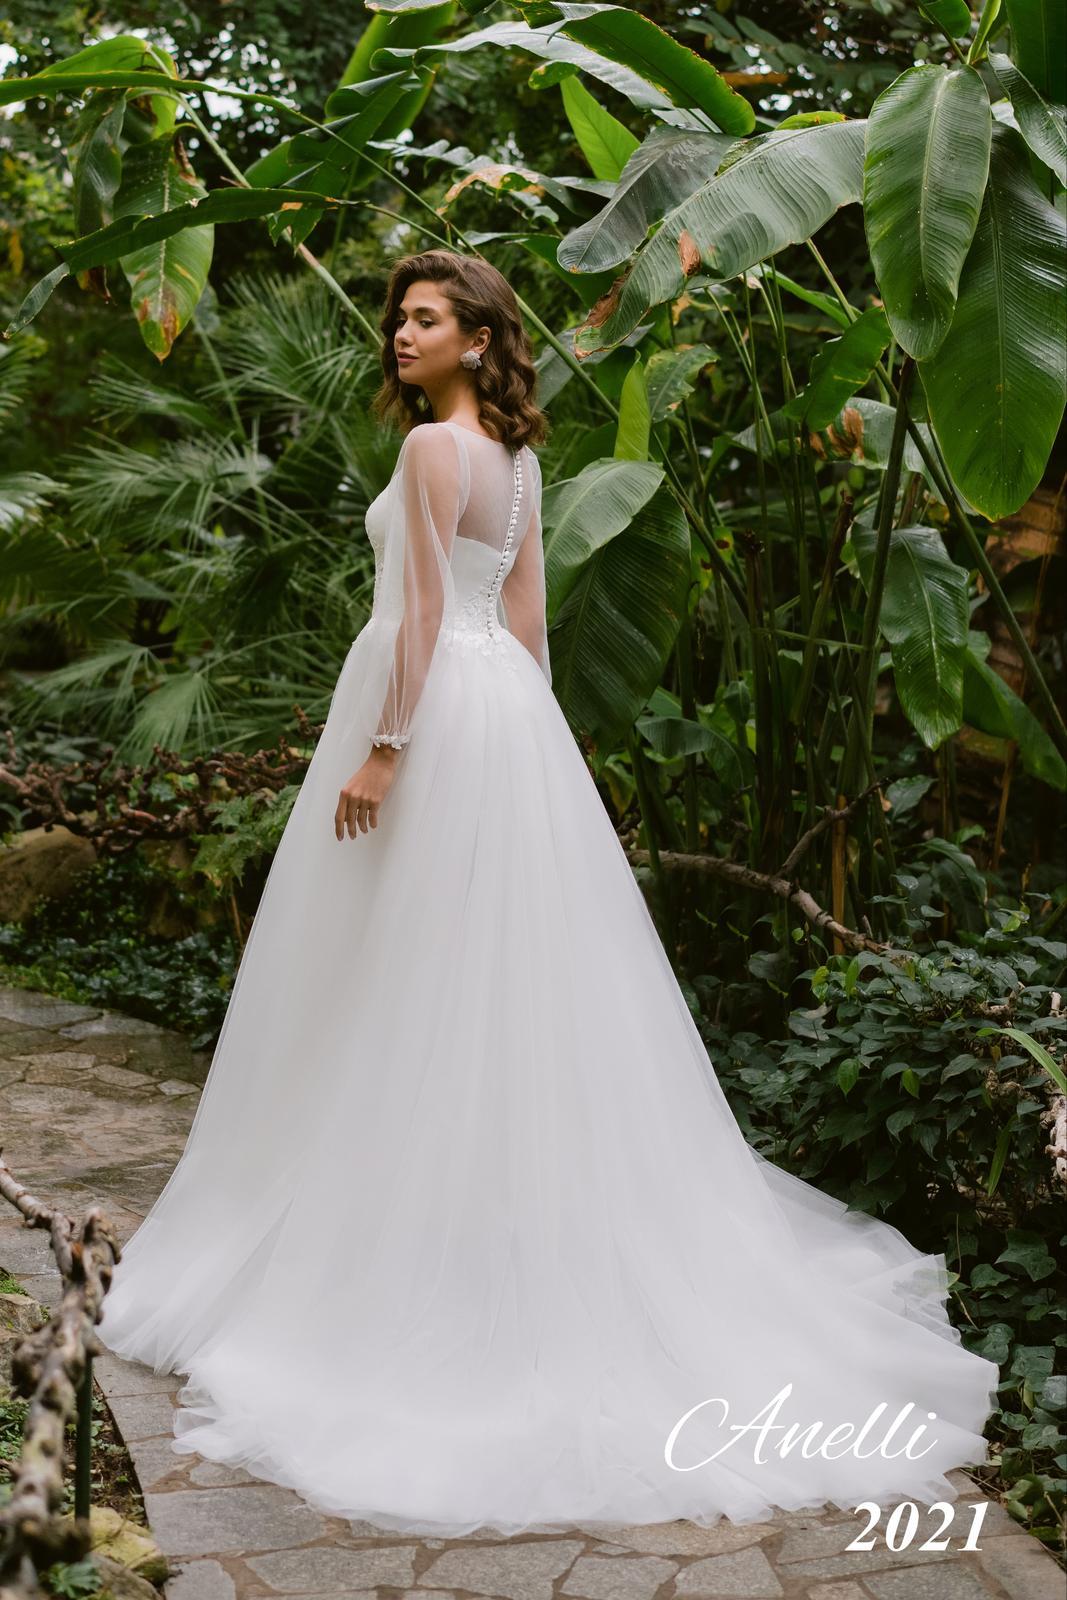 Svadobné šaty - Breeze 2021 - Obrázok č. 3